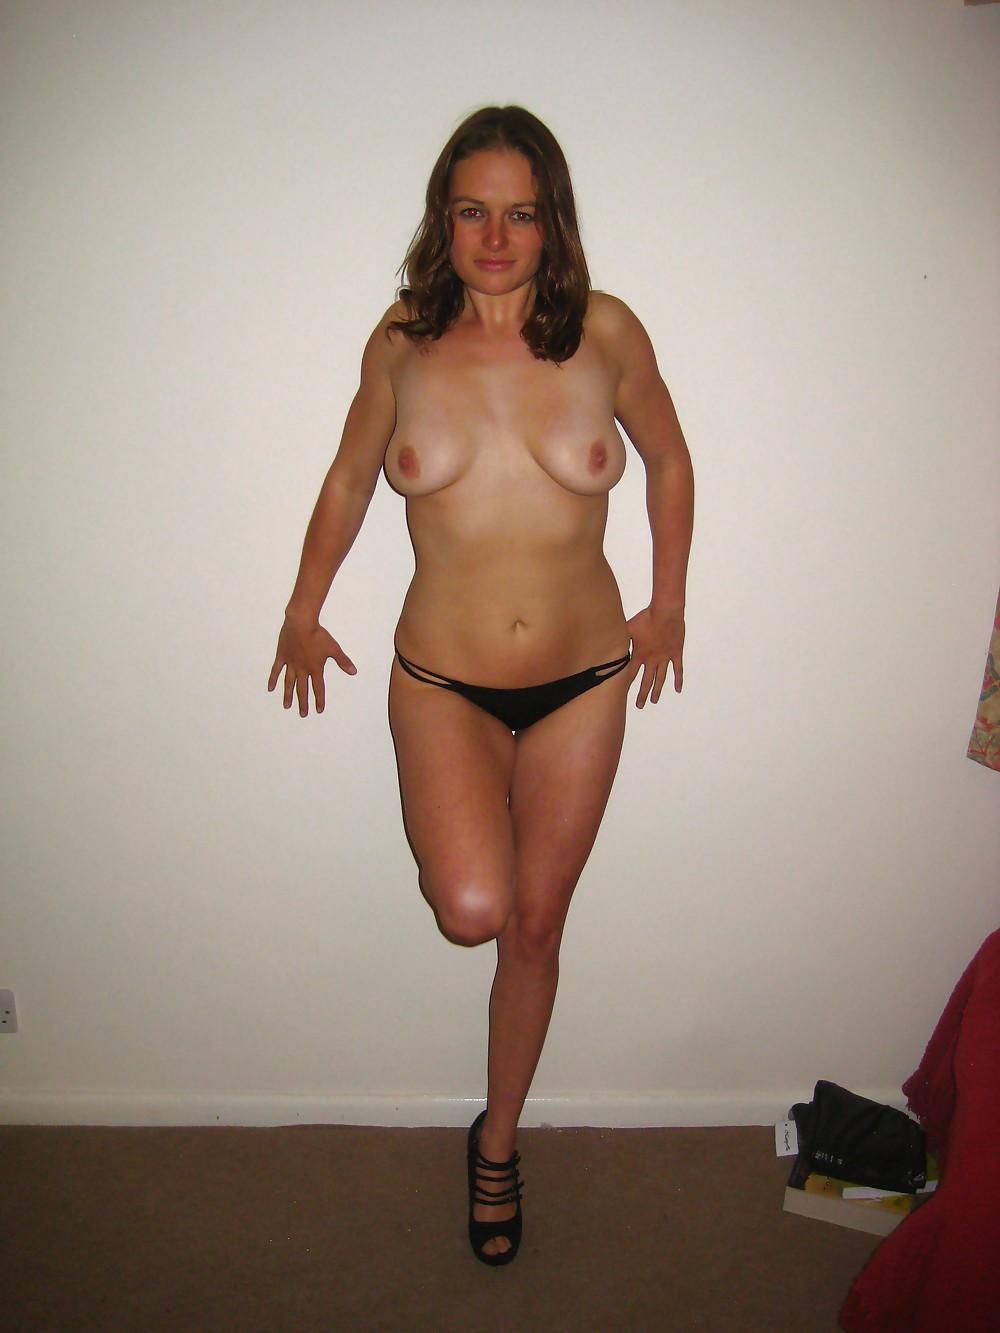 Телка регулярно выставляет напоказ грудь третьего размера у себя дома